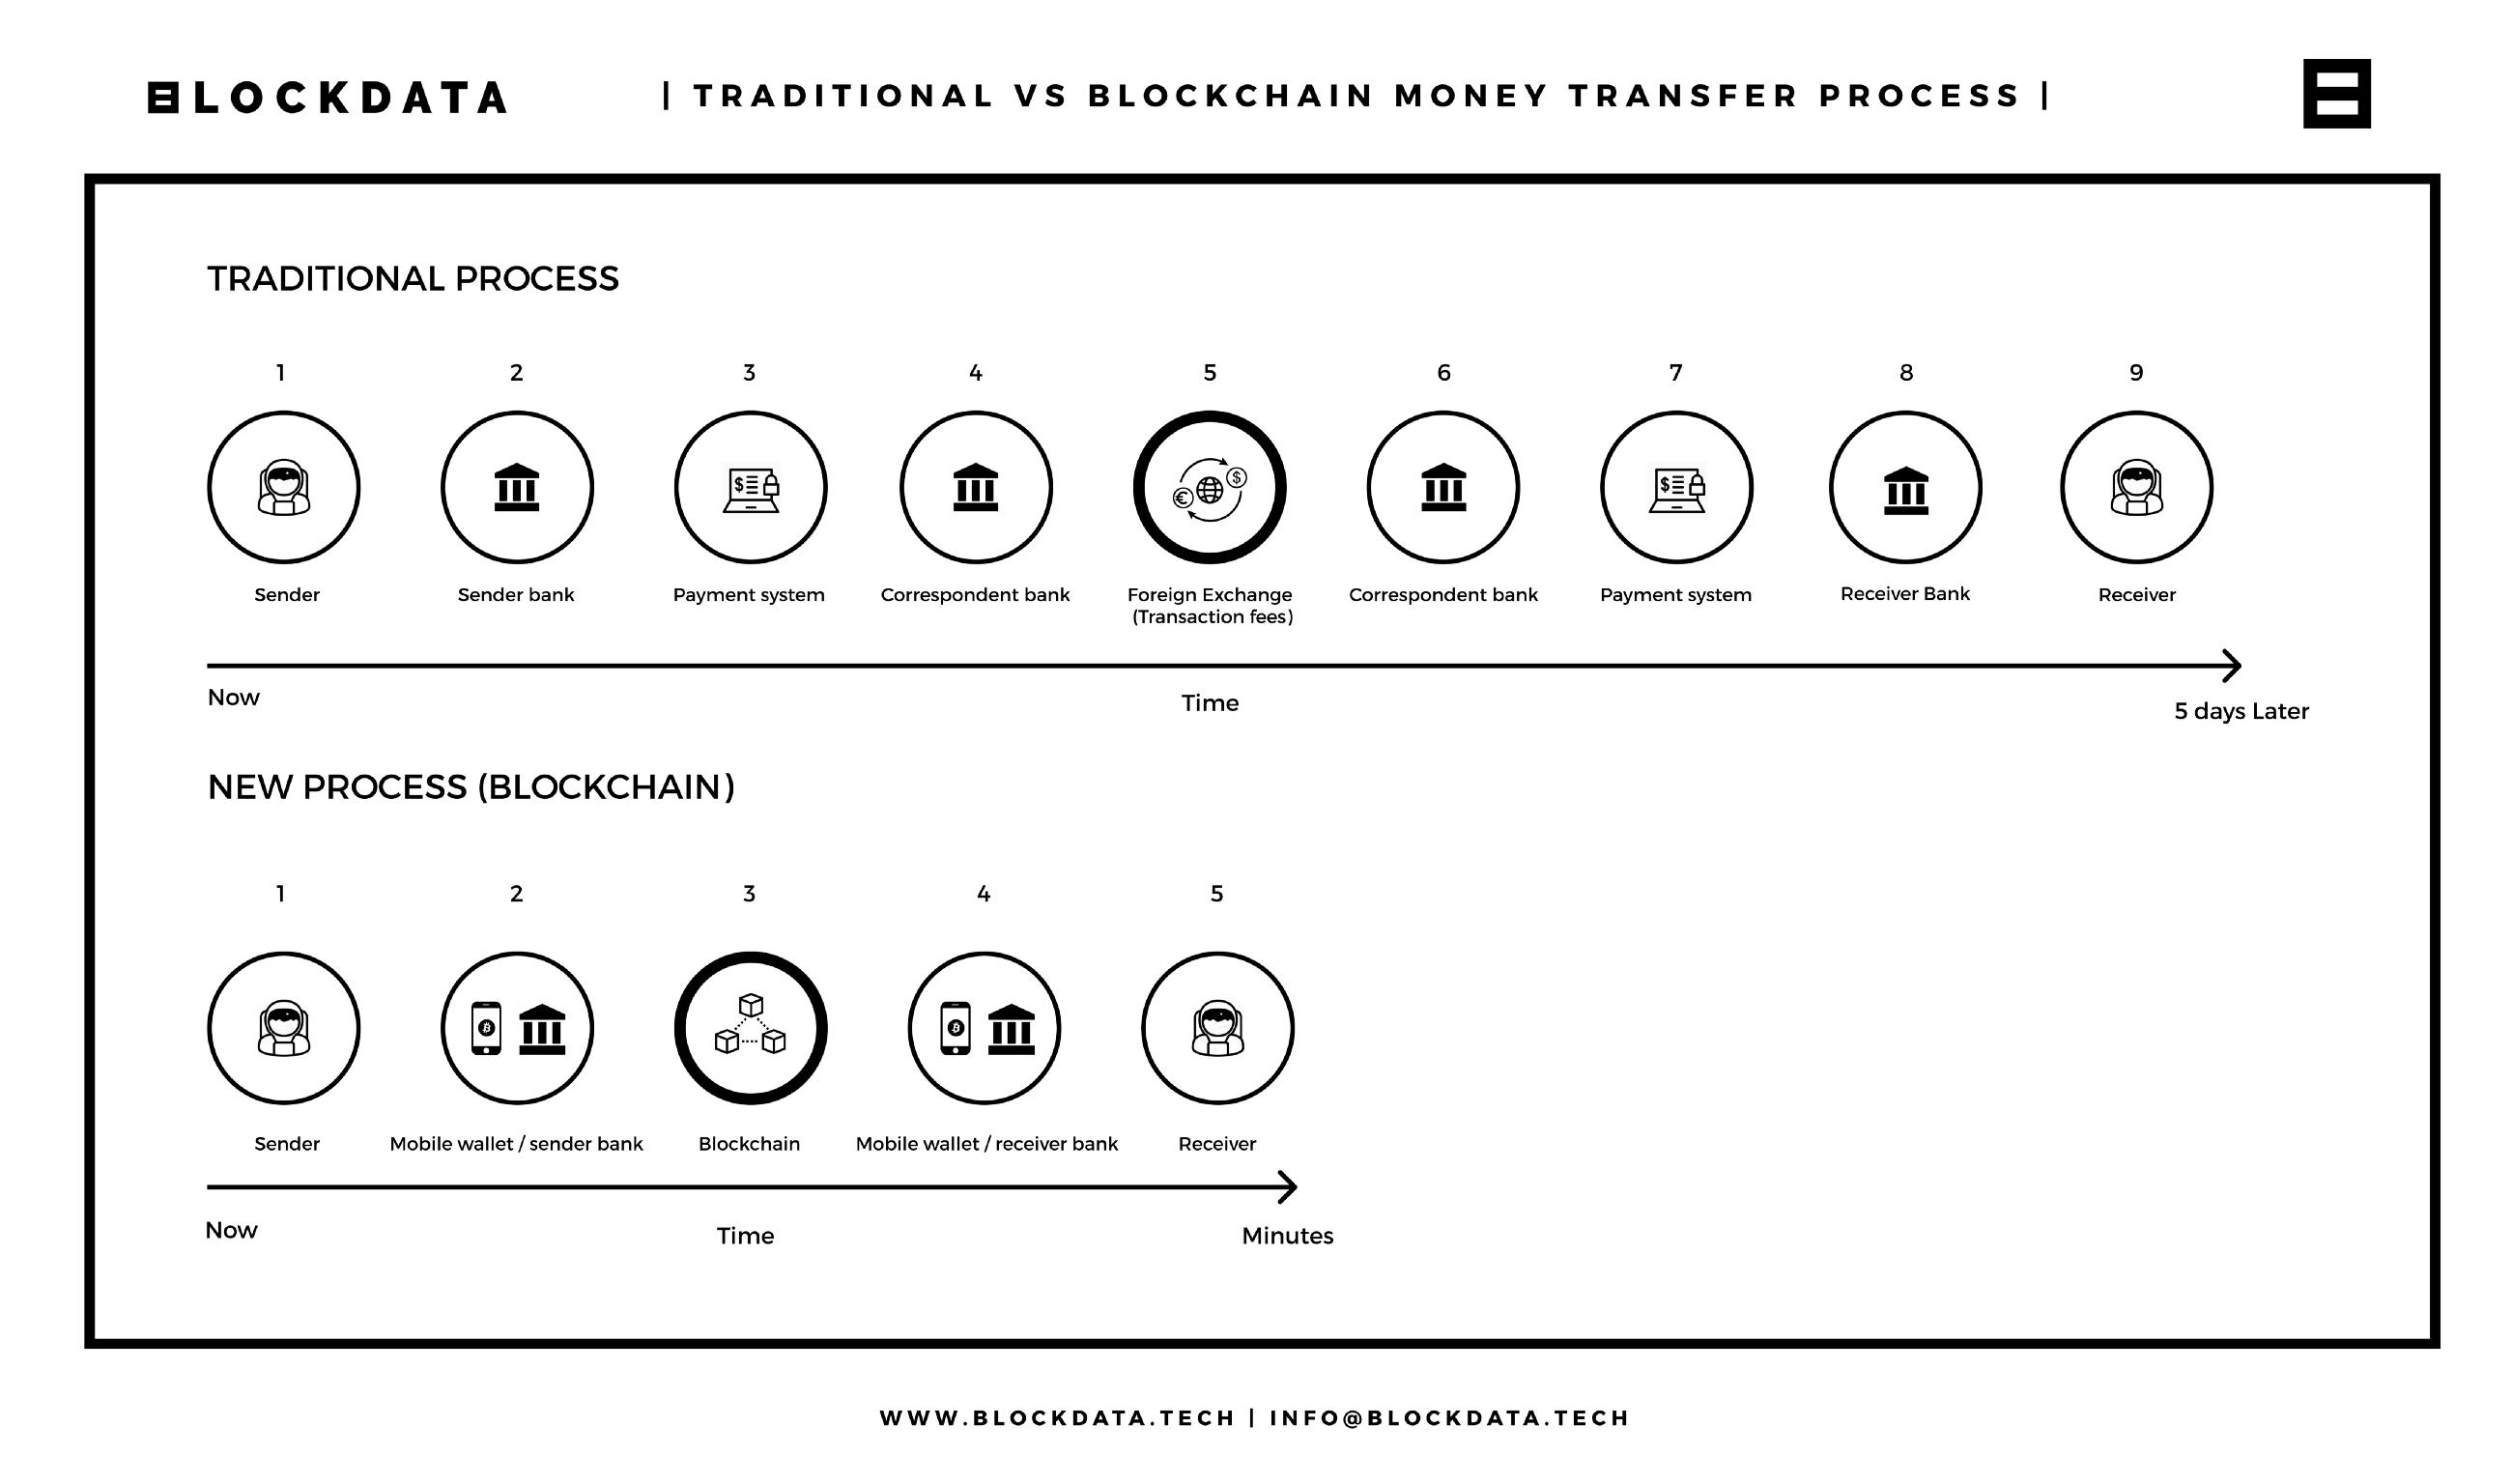 Блокчейн против традиционных способов перевода средств. Основные отличия в структуре и процессах